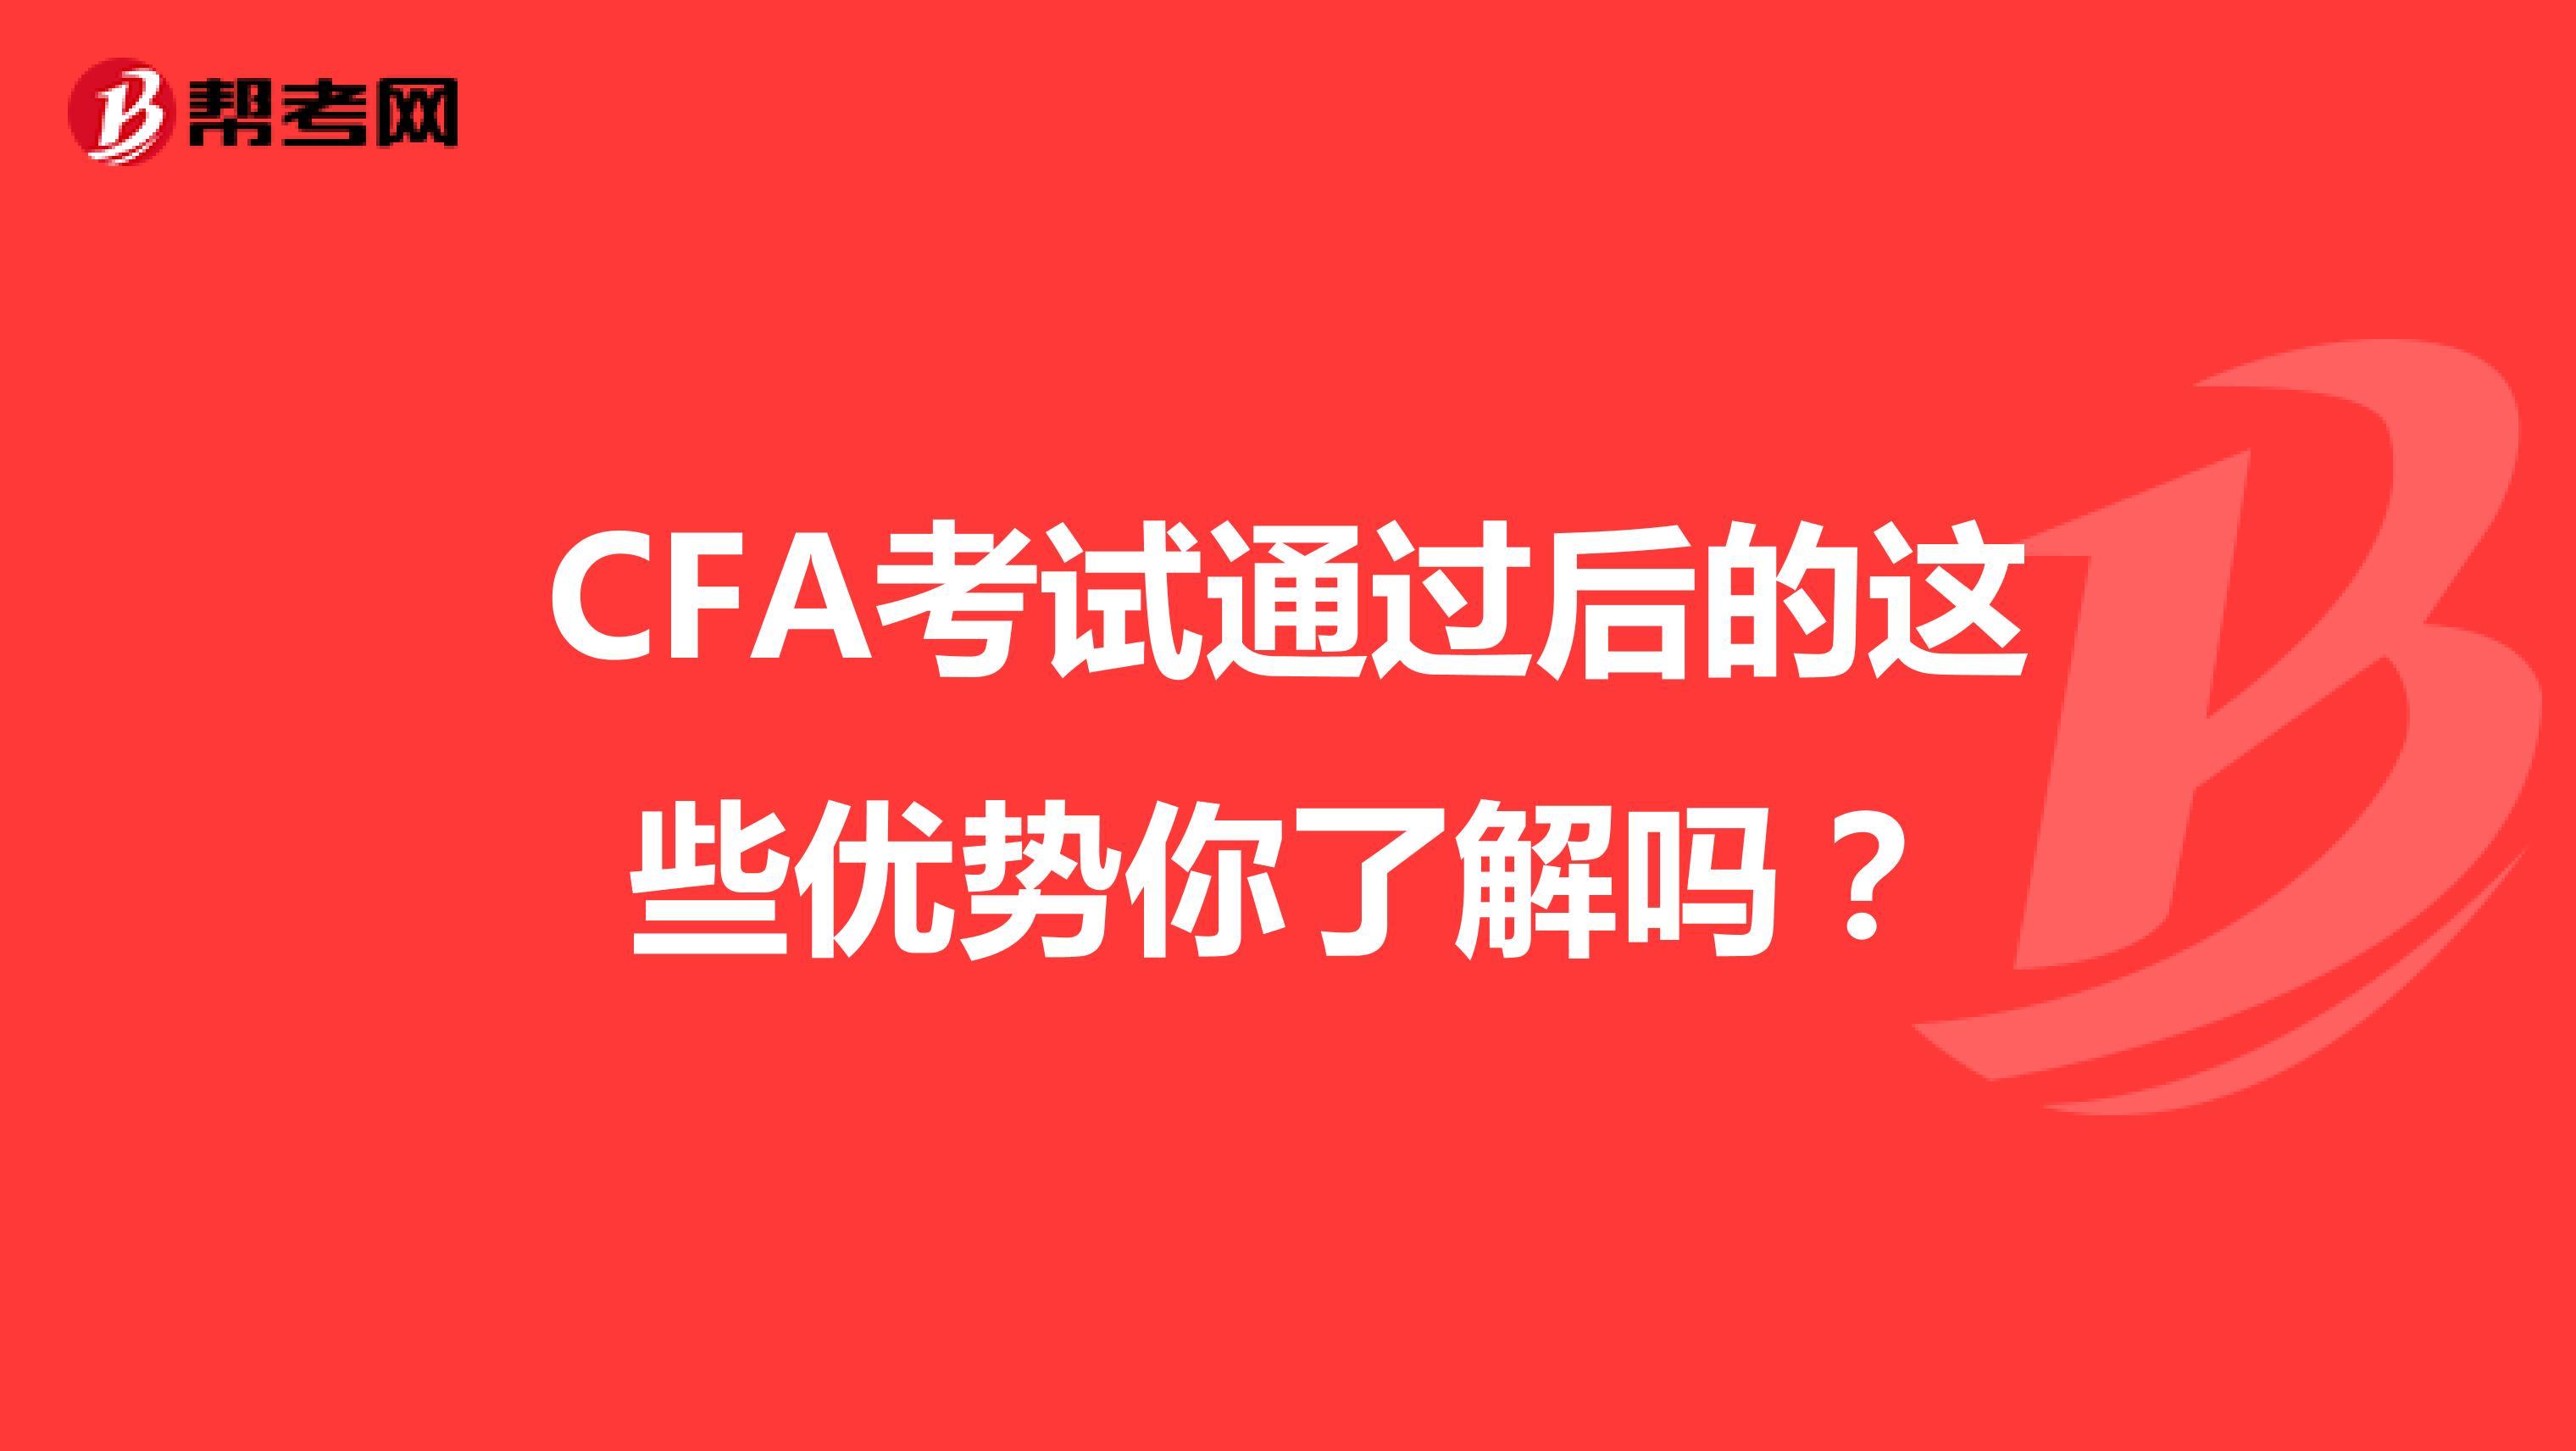 CFA考试通过后的这些优势你了解吗?